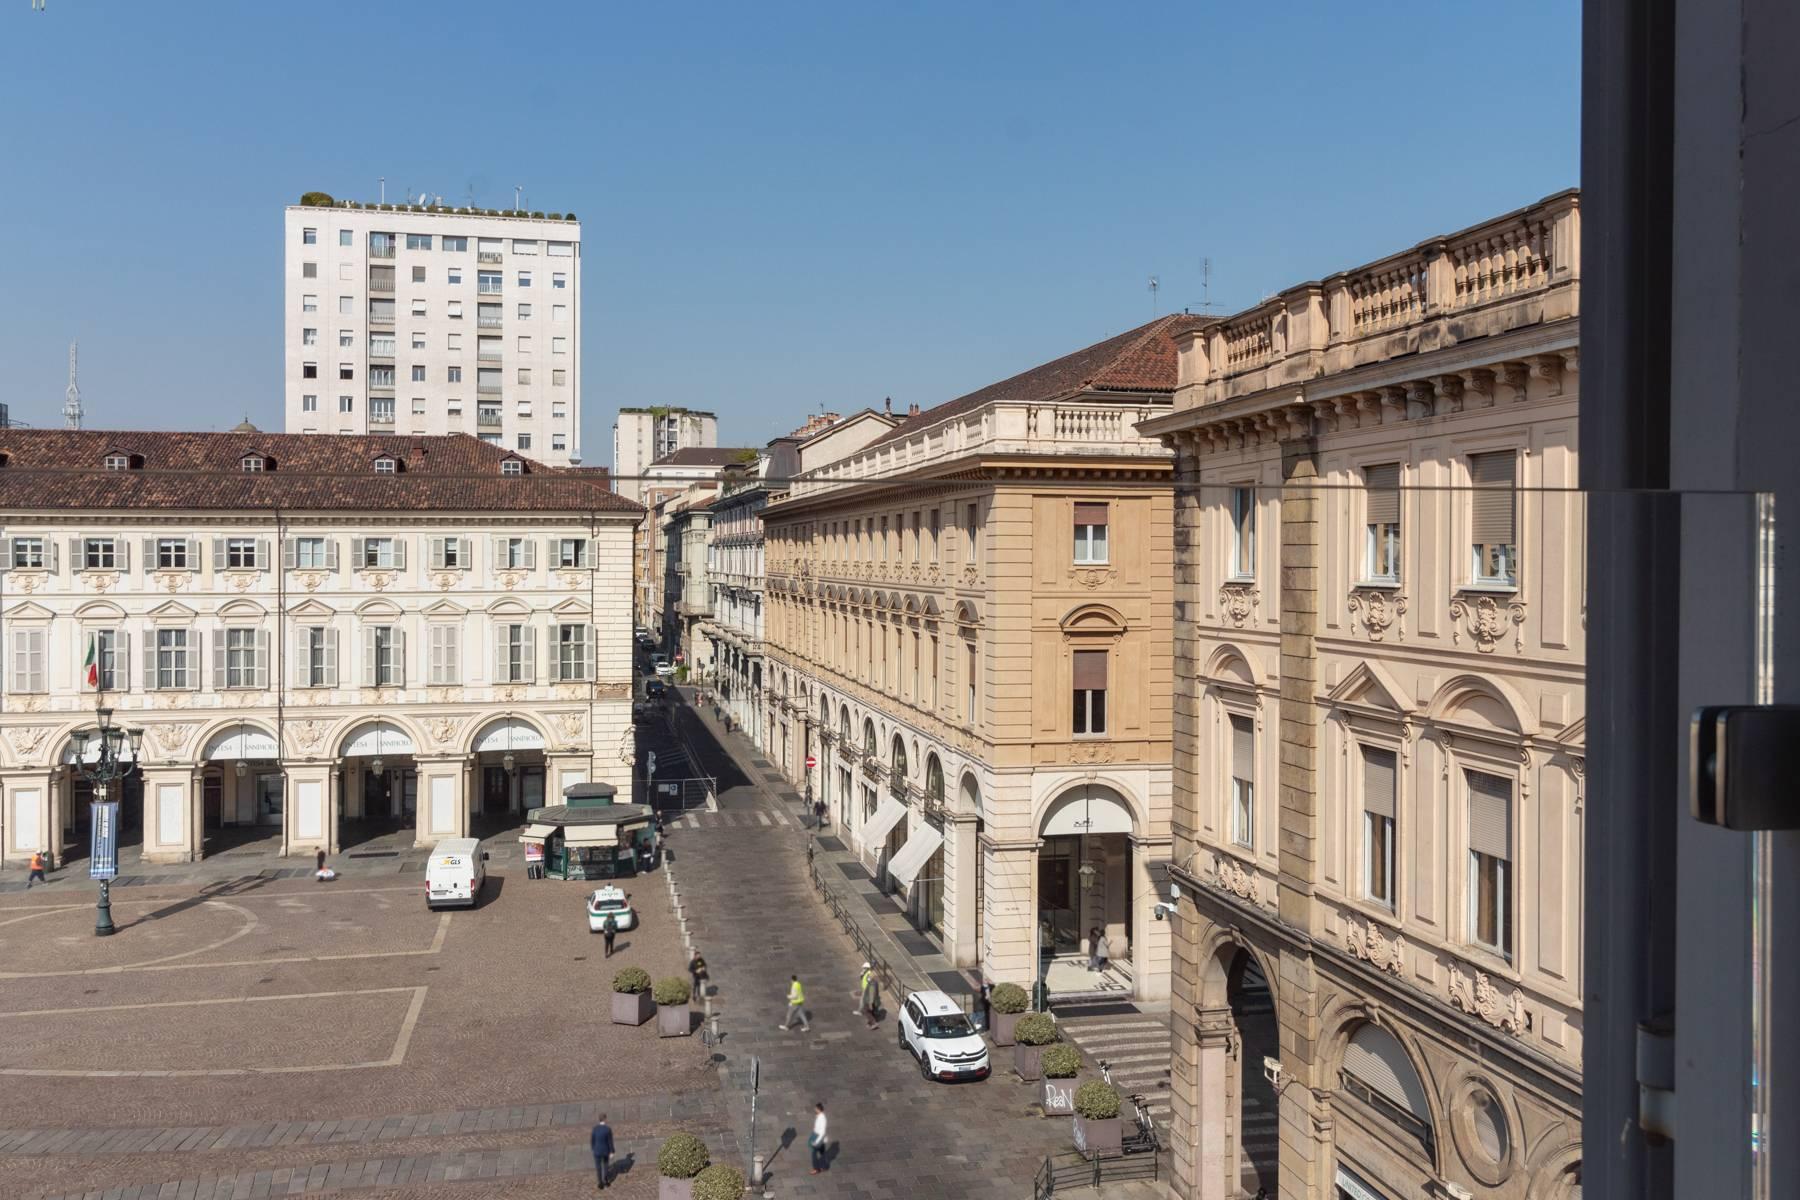 Attico in Vendita a Torino: 5 locali, 452 mq - Foto 6